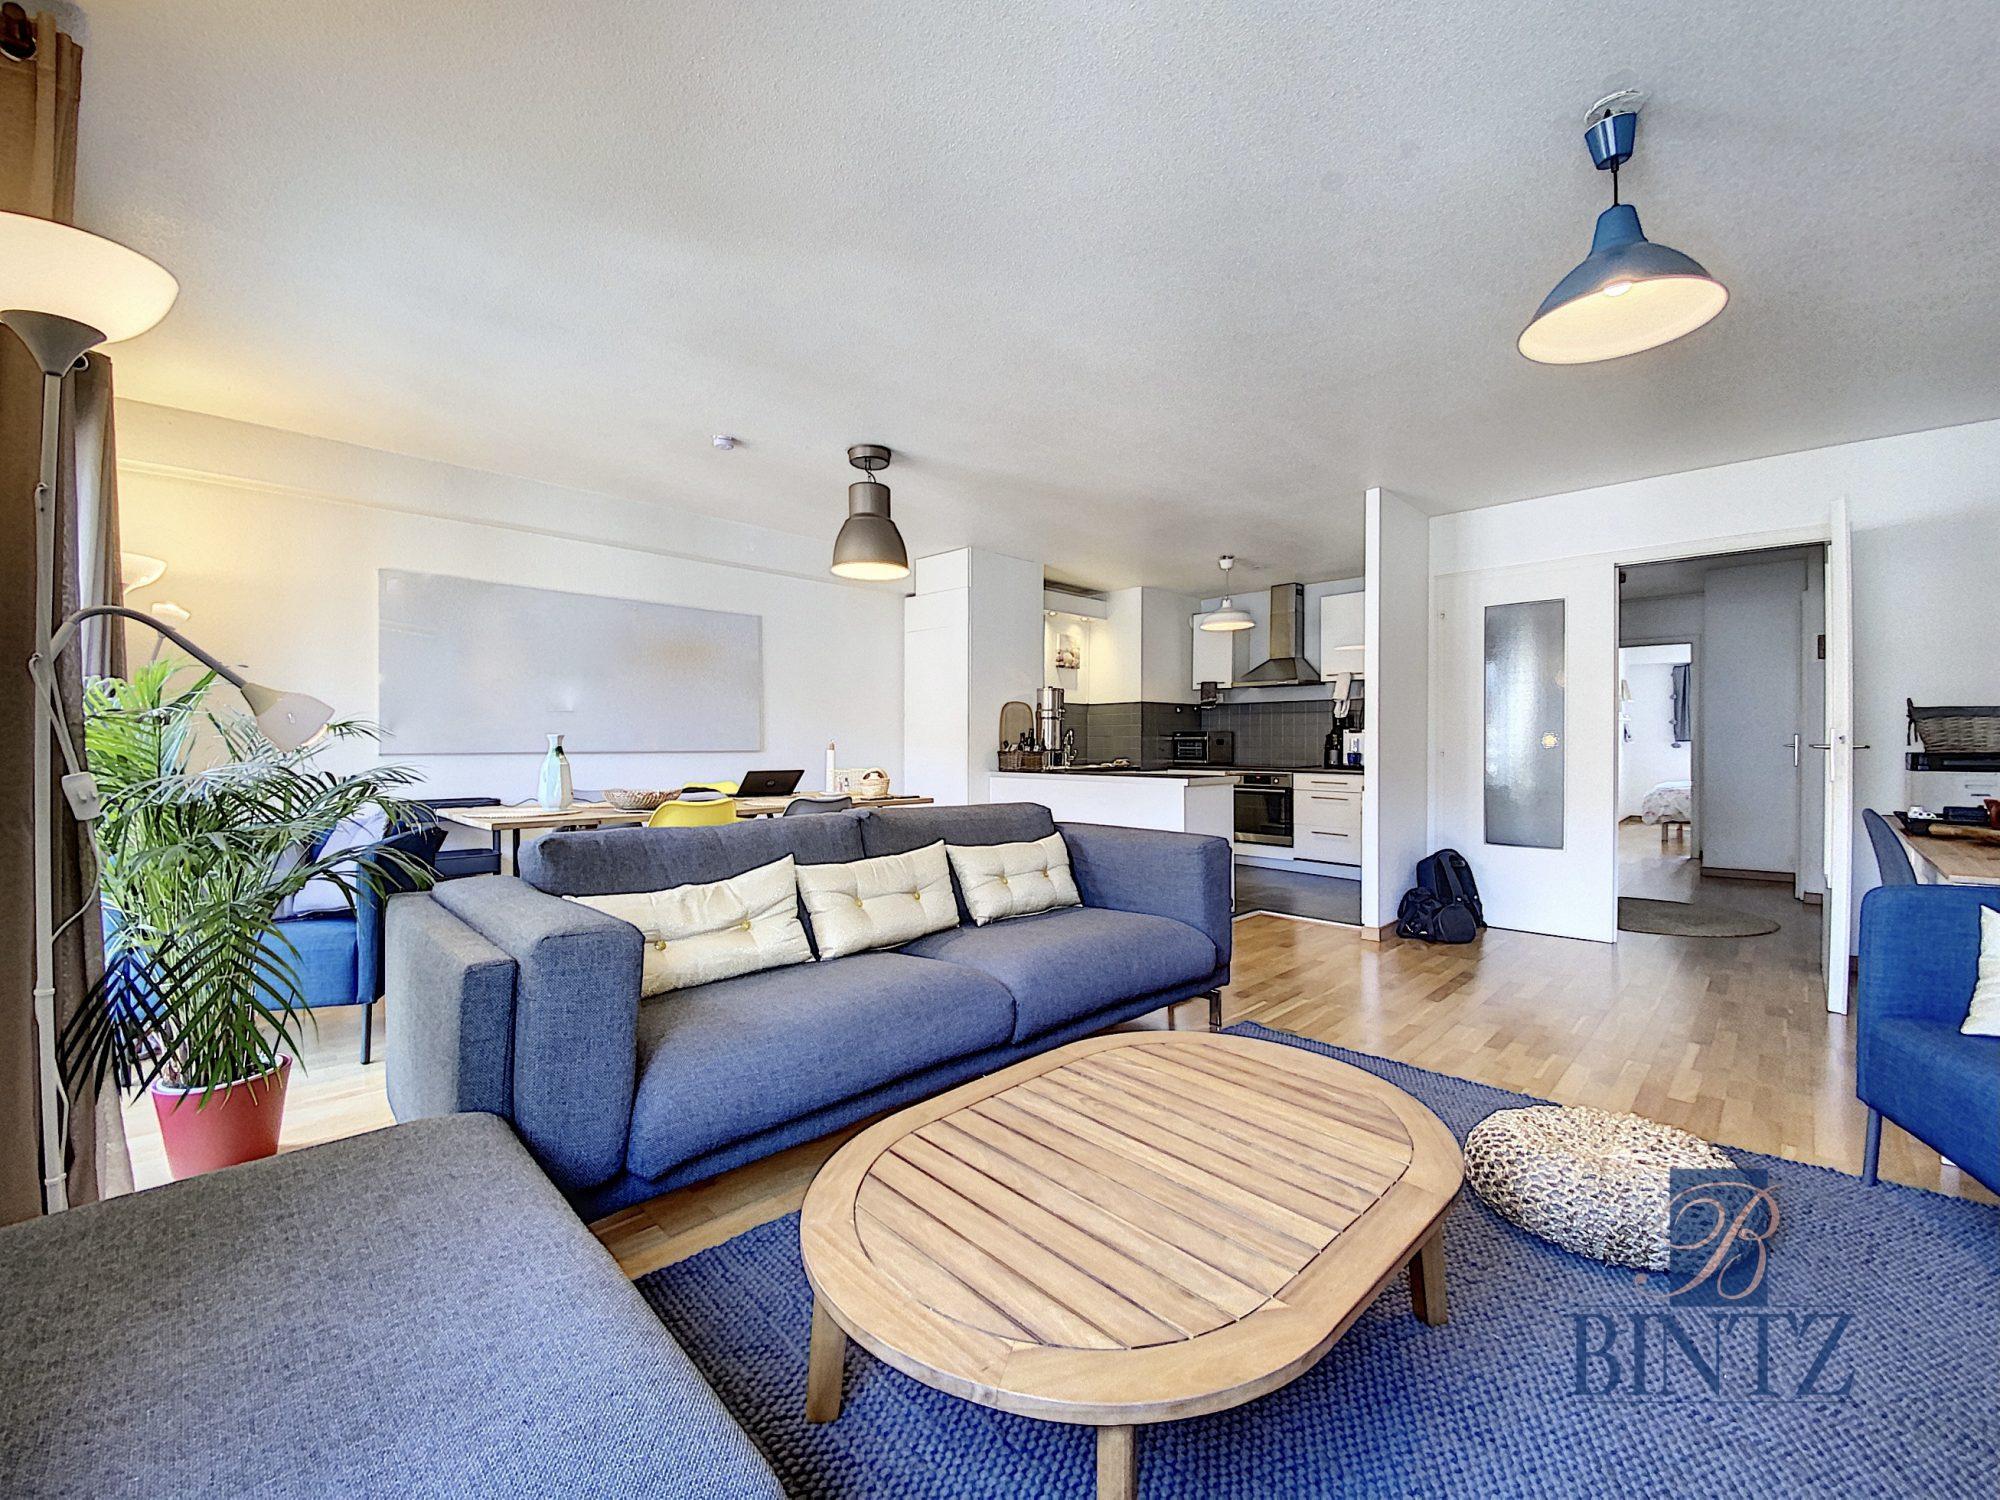 3 PIÈCES NEUSTADT AVEC GARAGE - Devenez locataire en toute sérénité - Bintz Immobilier - 1